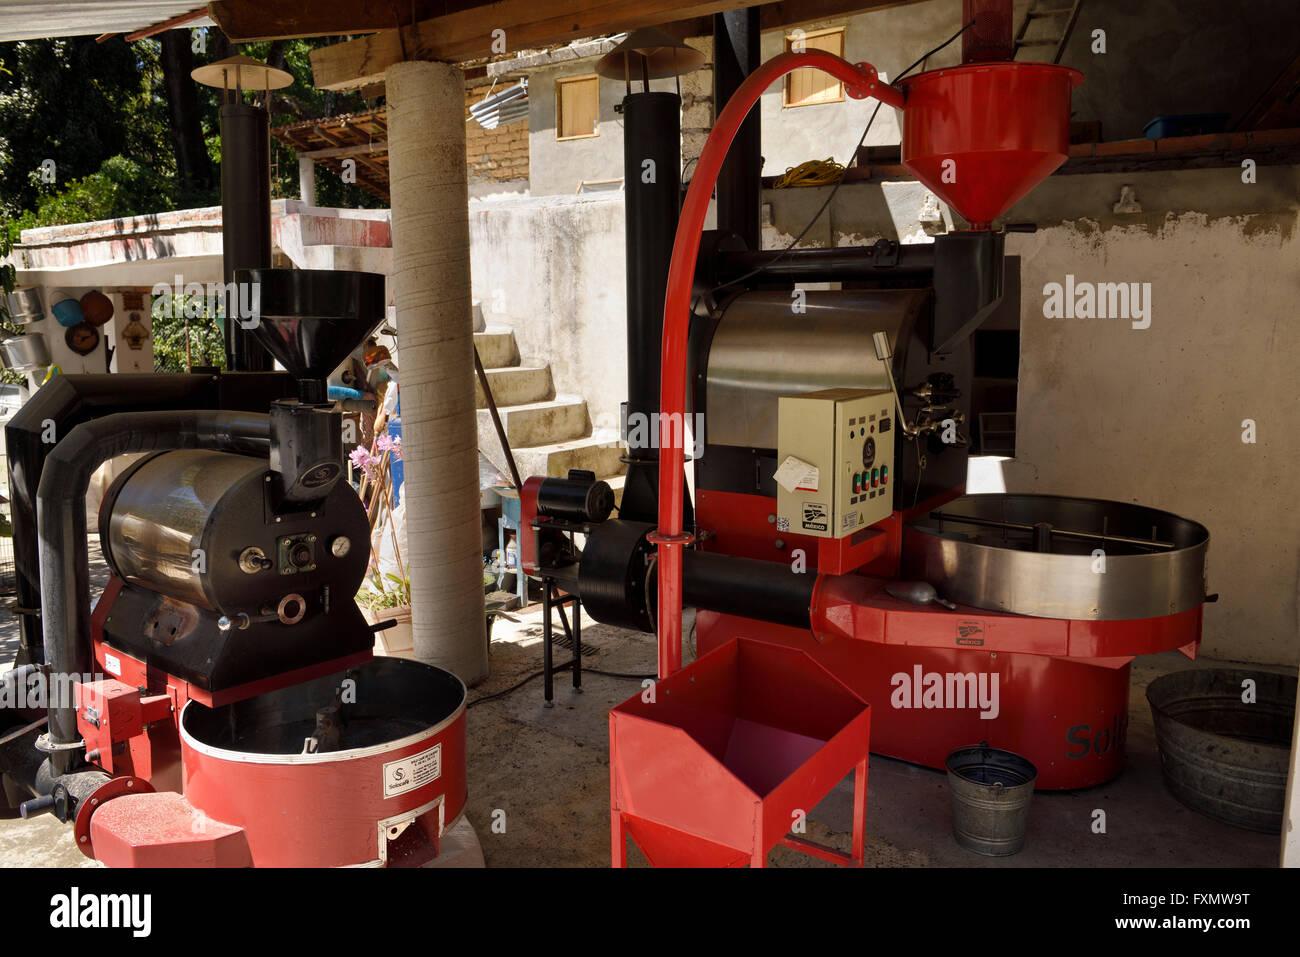 Kaffee Verarbeitungsausrüstung auf einer Plantage in Jalisco, Mexiko Stockbild